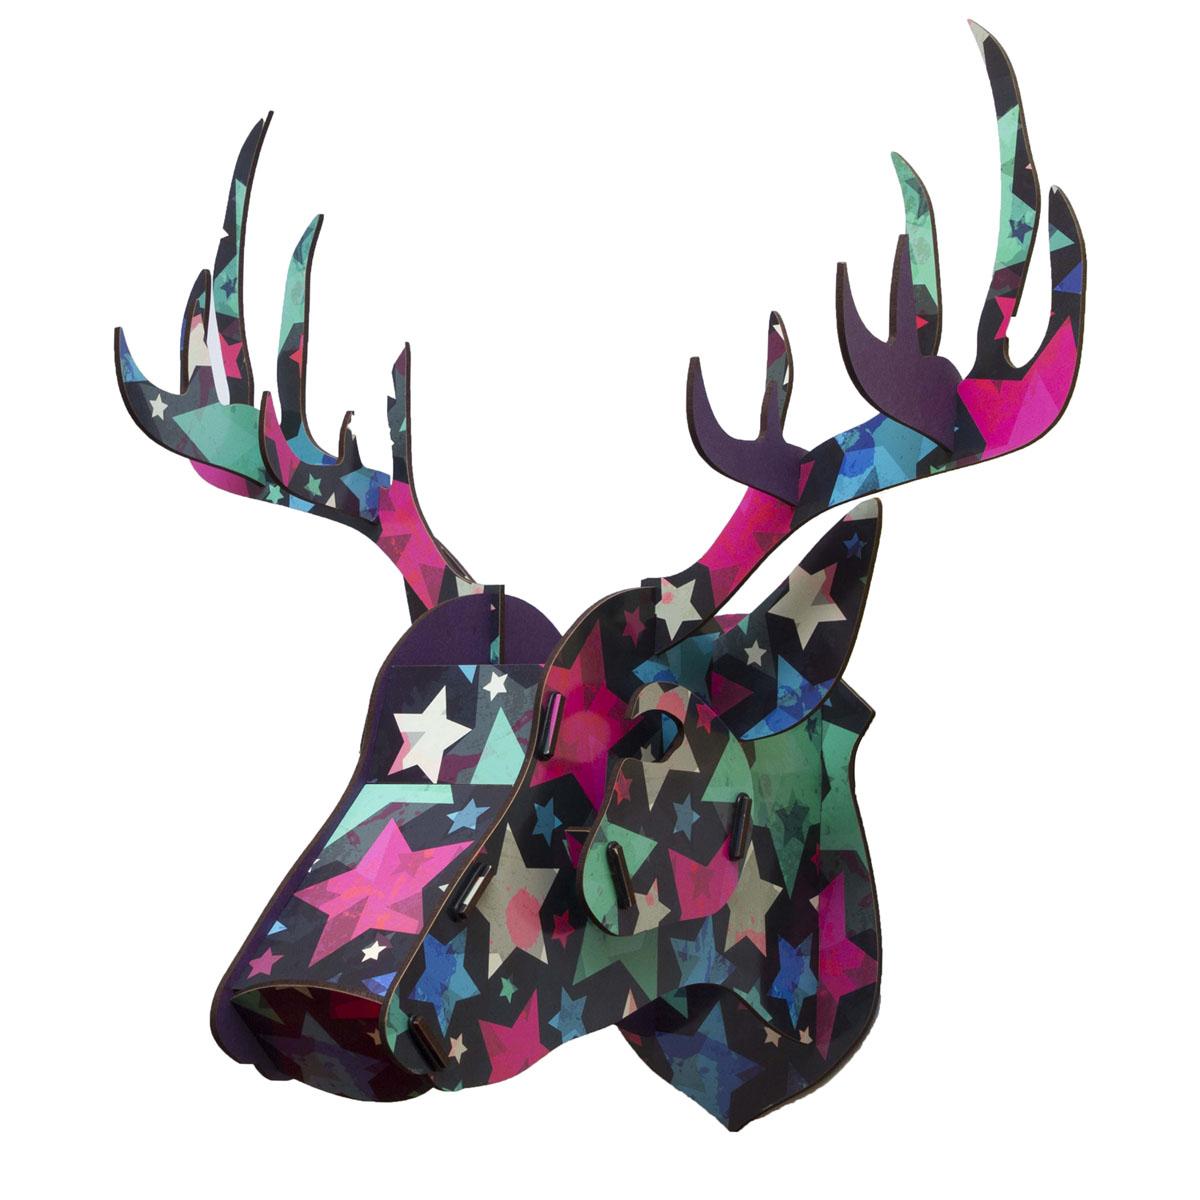 Украшение декоративное Homsu Голова оленя, 29,5 x 46 x 42,5 см украшение декоративное homsu голова оленя 29 5 x 46 x 42 5 см